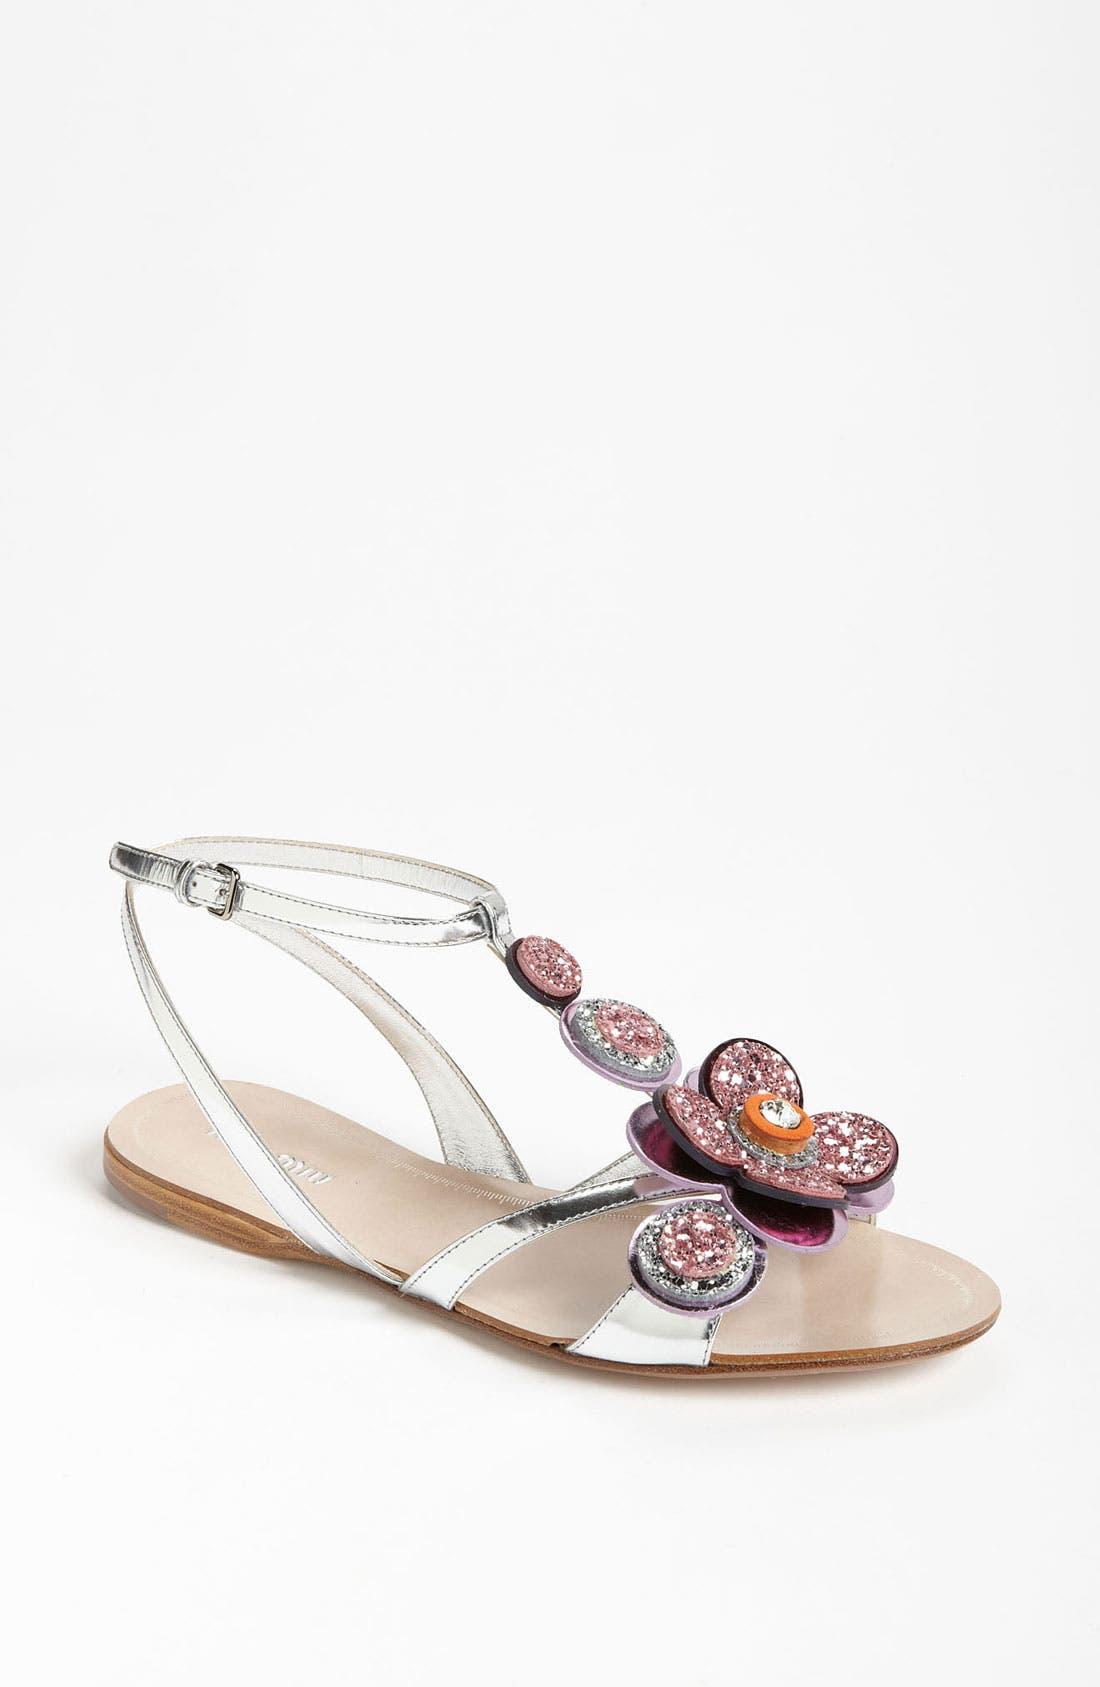 Alternate Image 1 Selected - Miu Miu T-Strap Flower Sandal